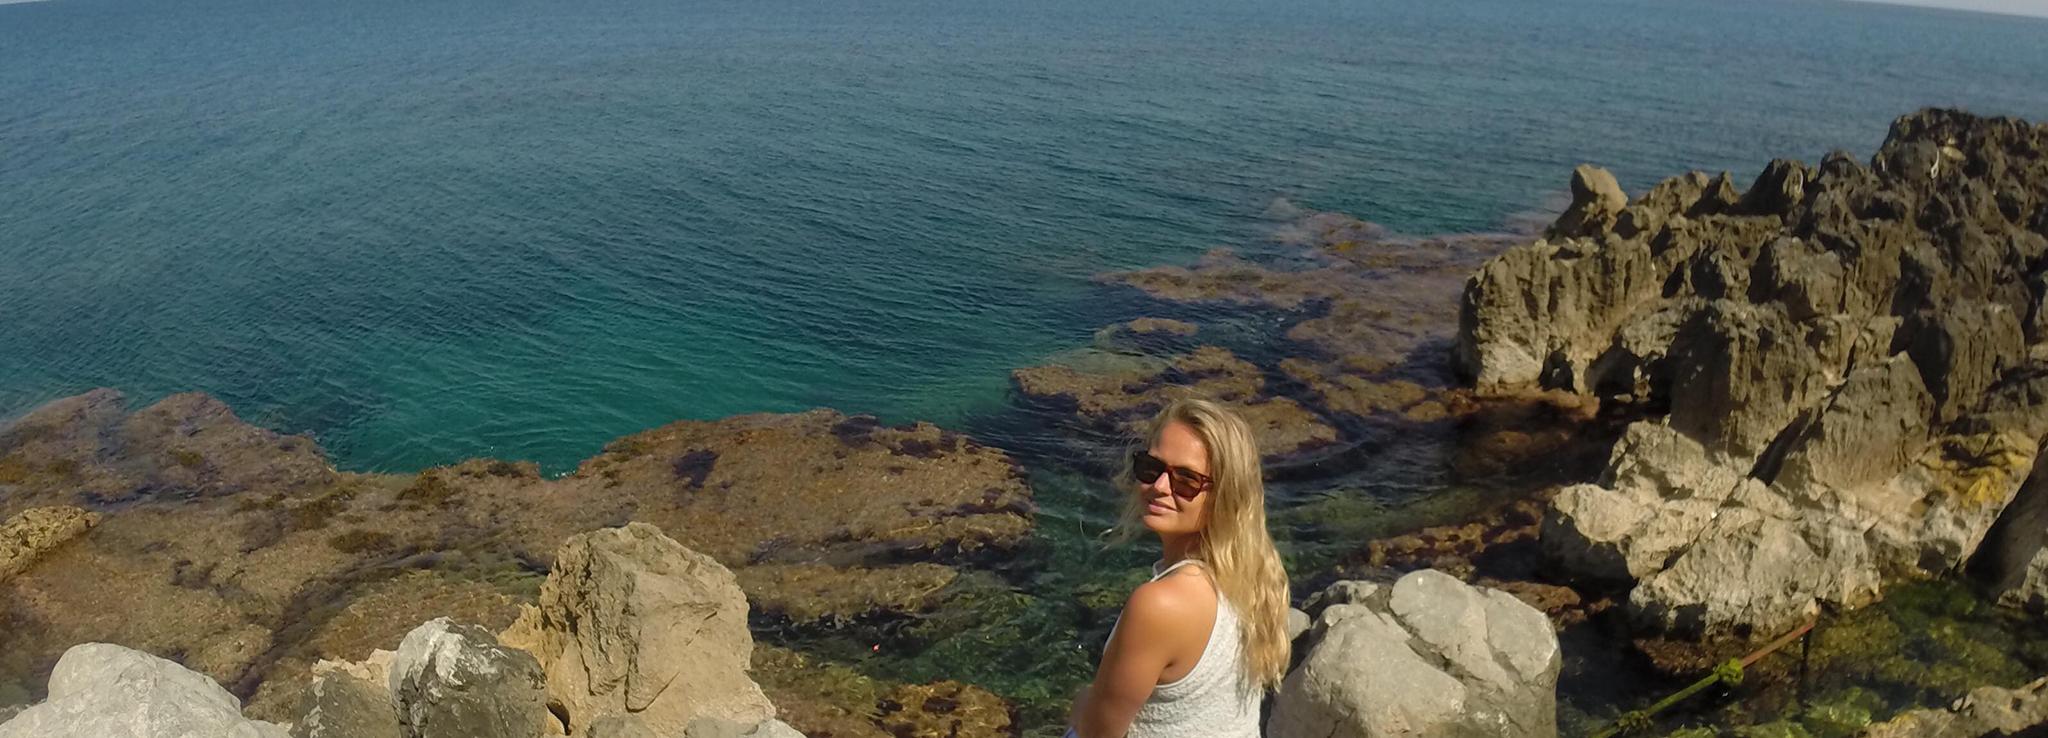 Stanglmeier Sizilien Reise Blogbeitrag-13